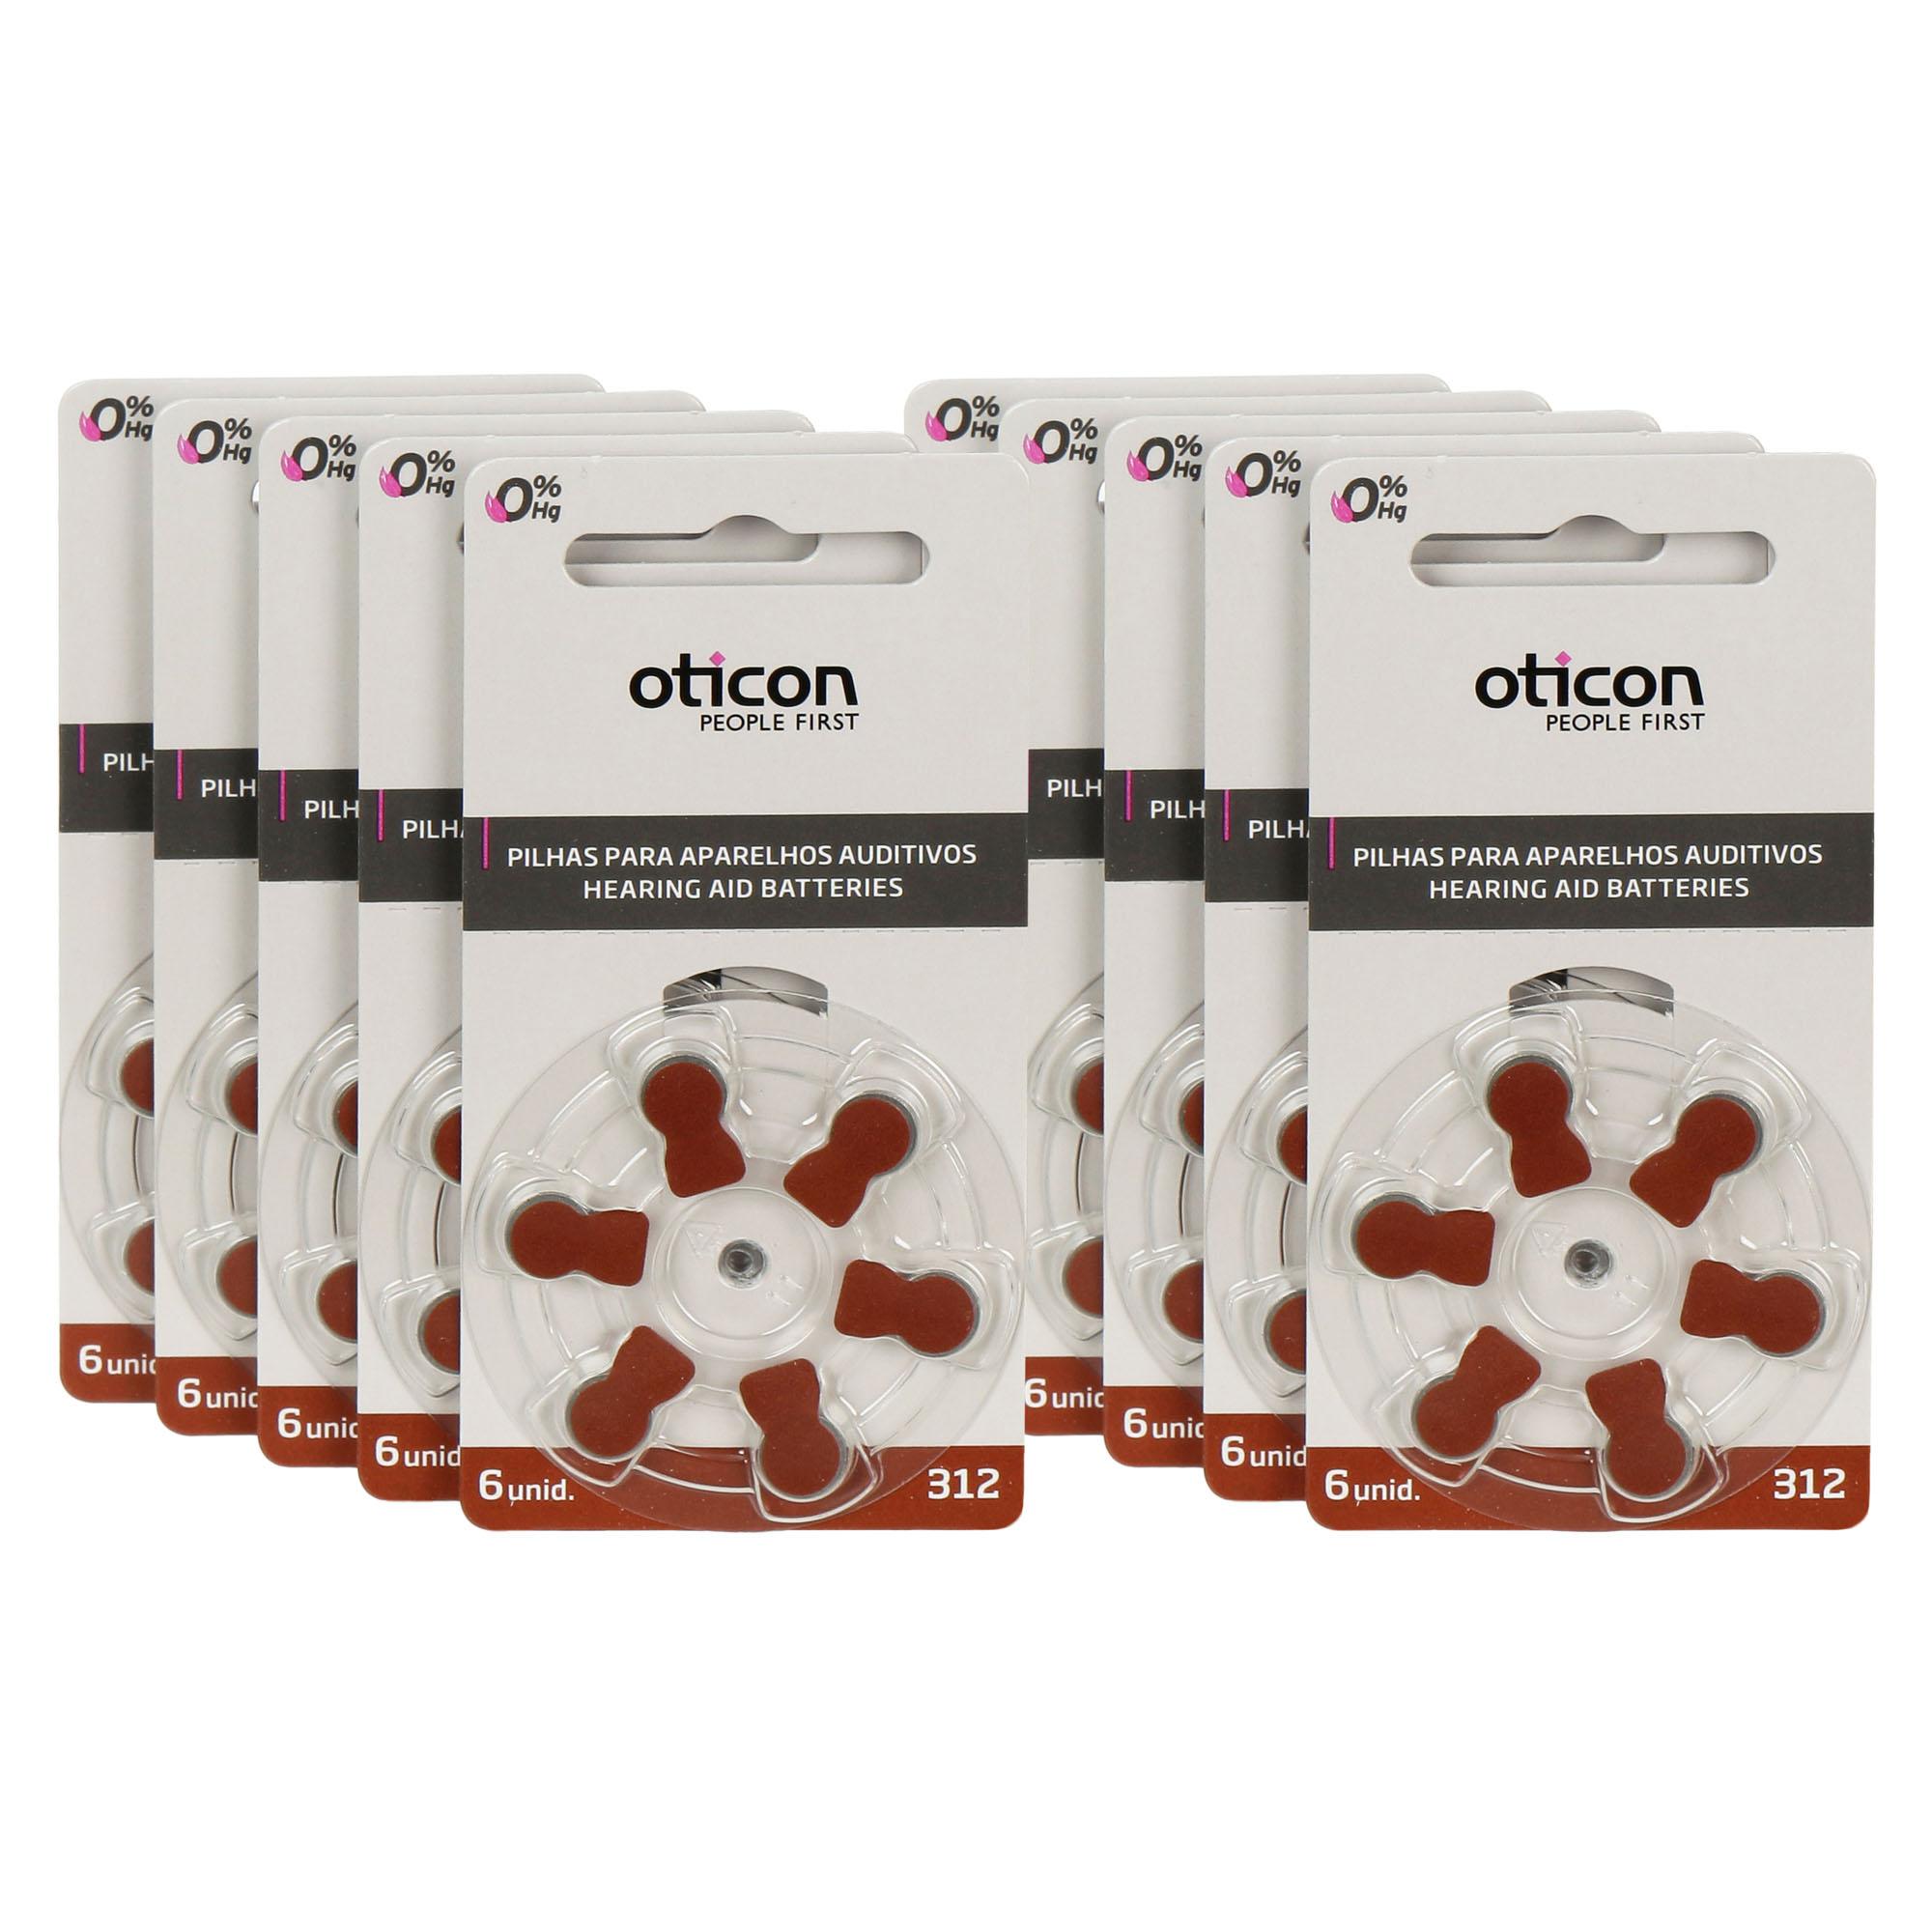 OTICON 312 / PR41 - 10 Cartelas - 60 Baterias para Aparelho Auditivo  - SONORA